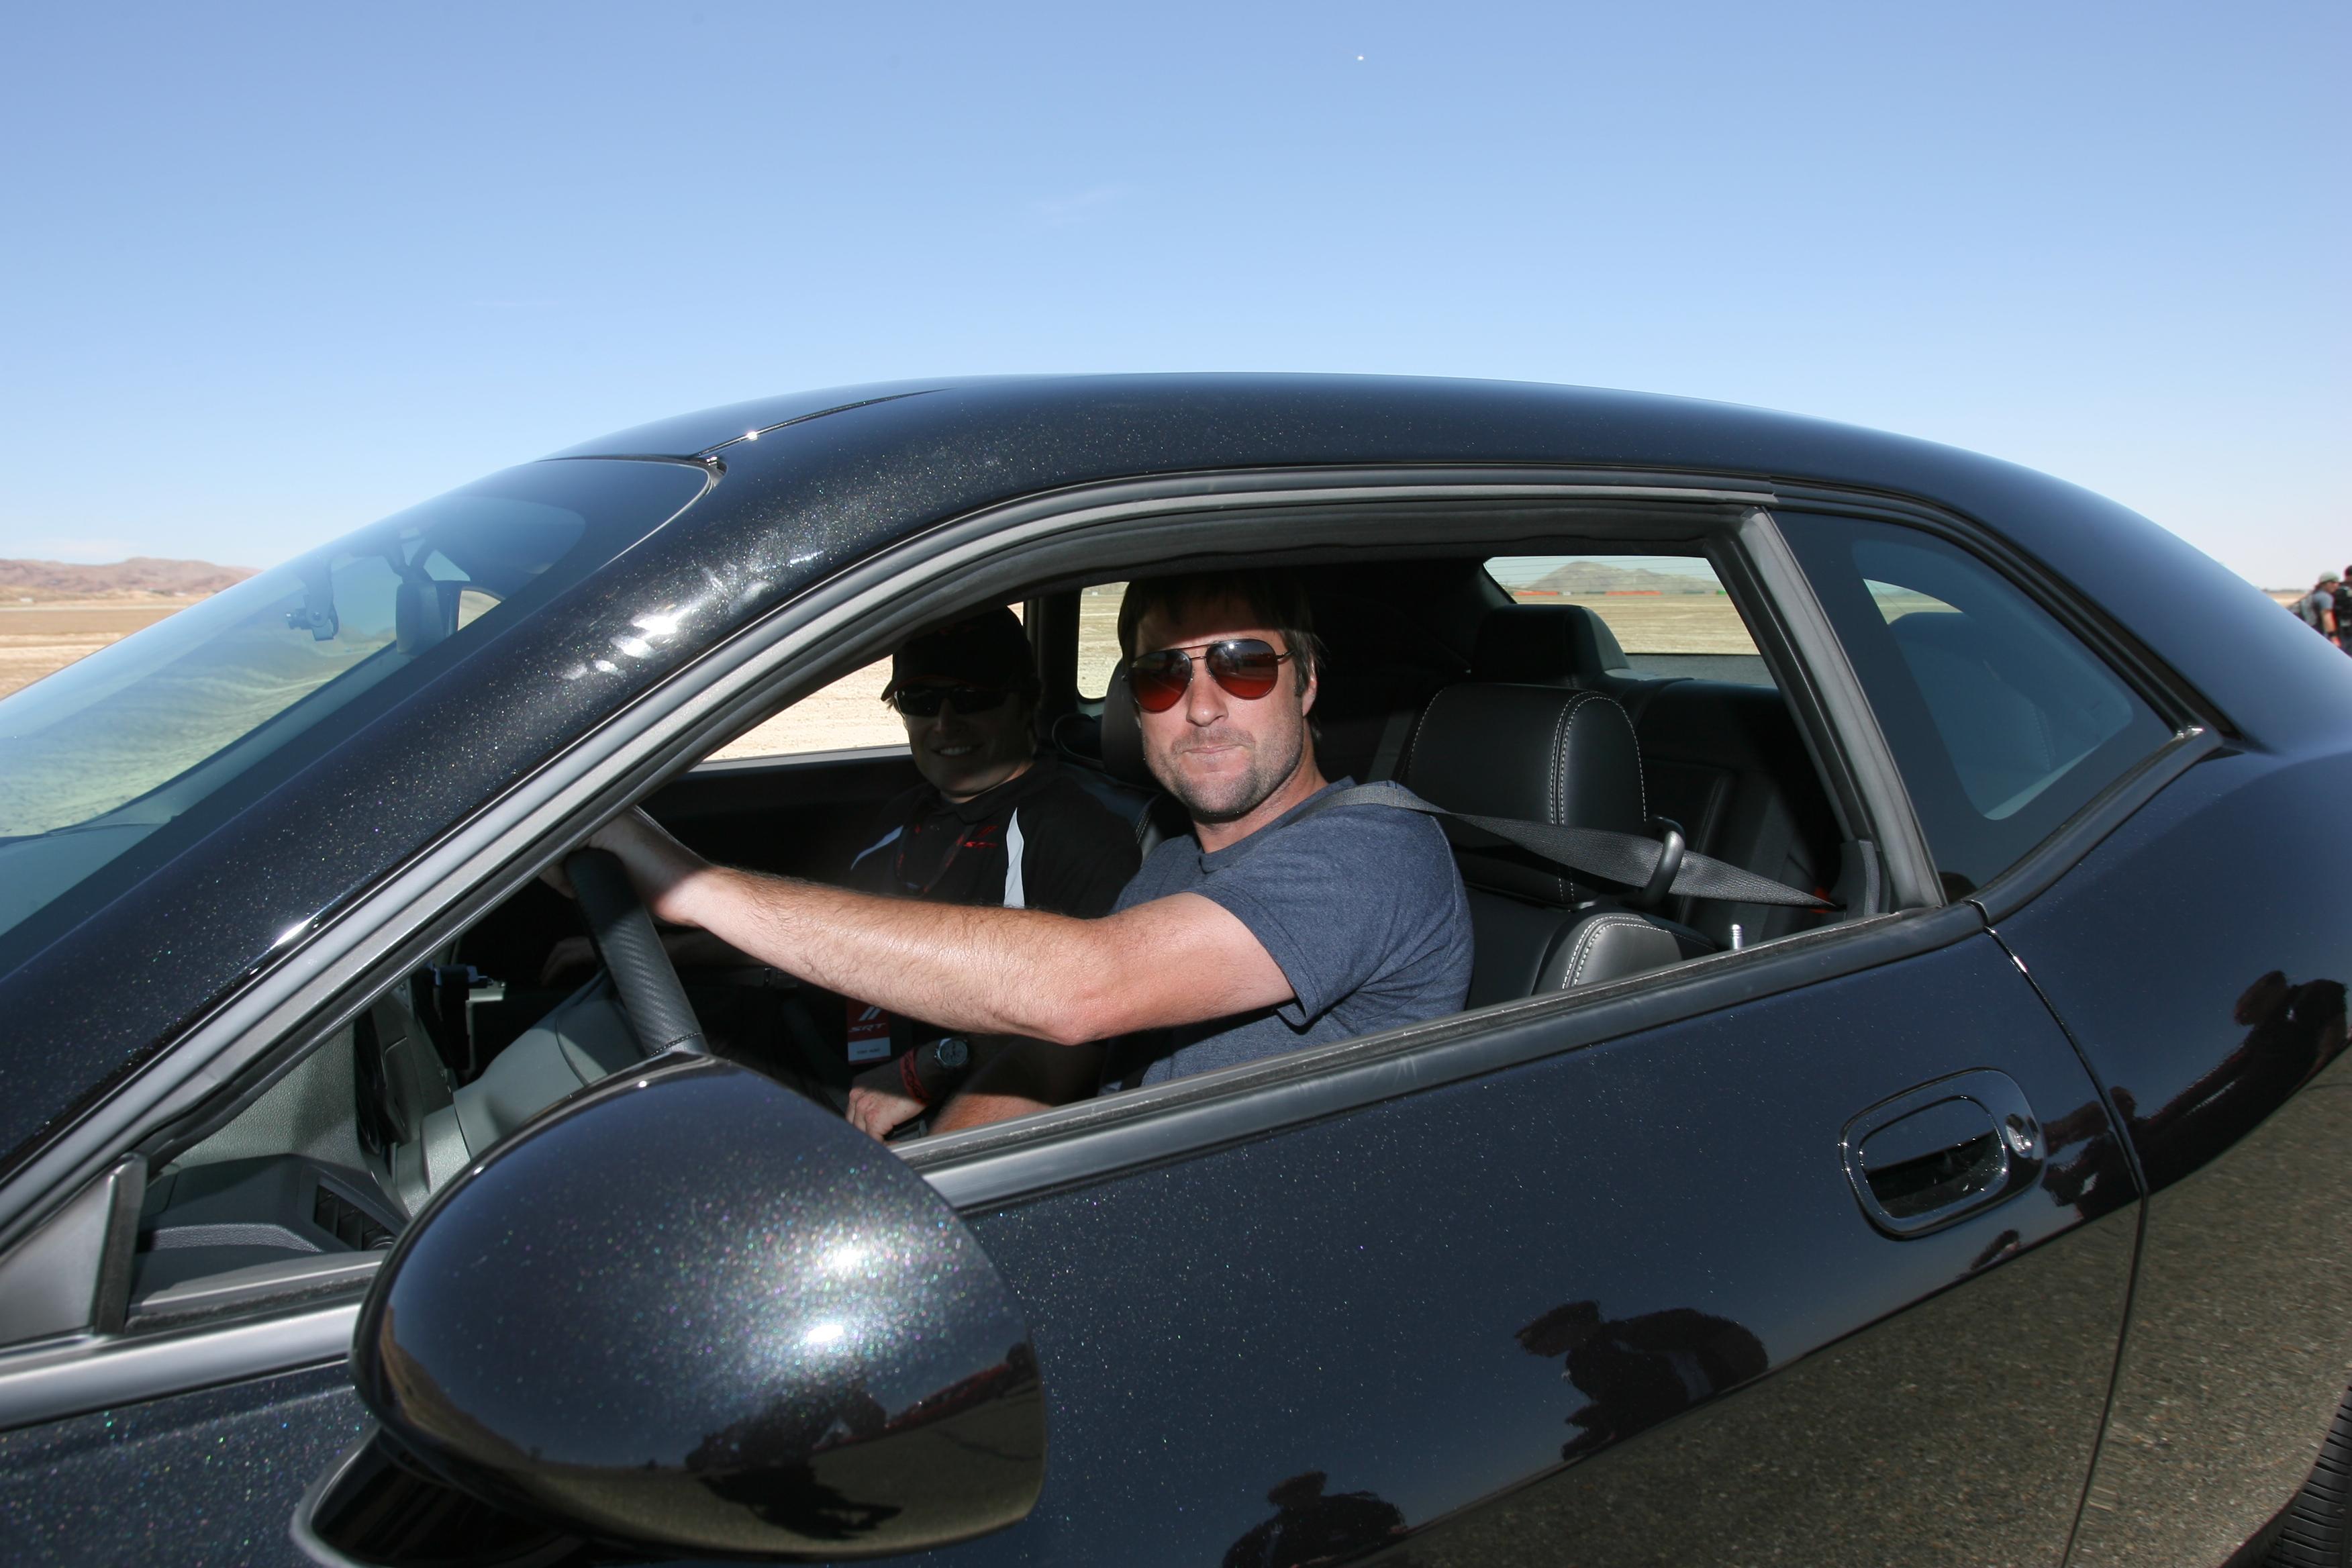 FileLuke Wilson In Carjpg Wikimedia Commons - In car